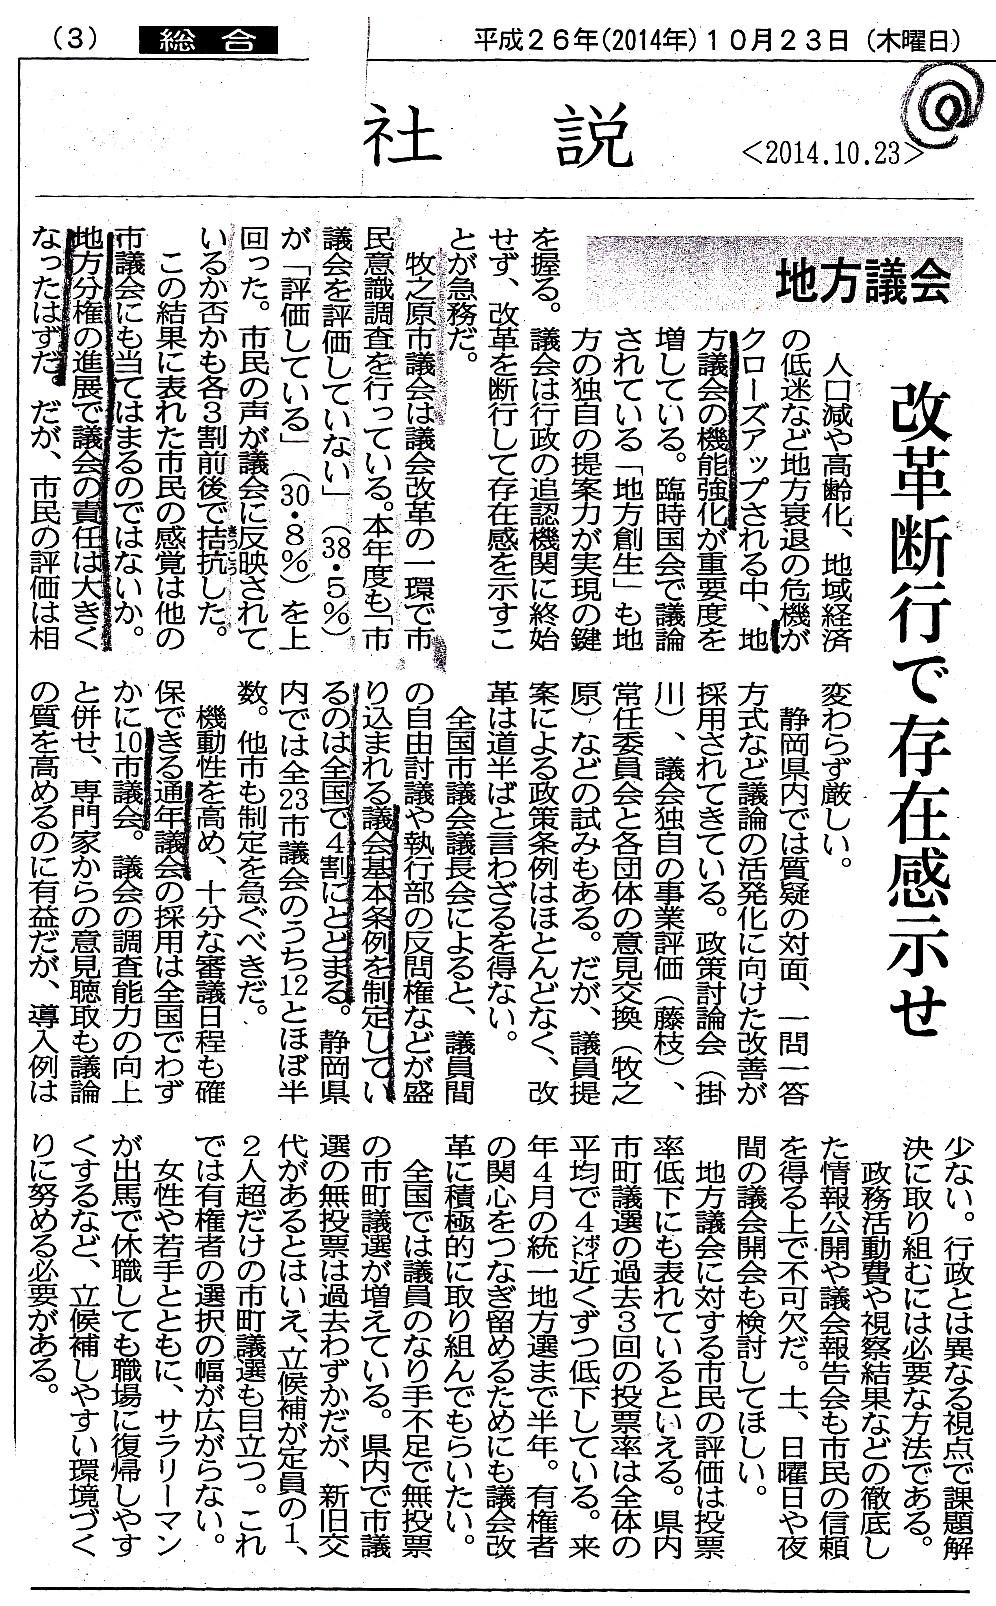 2014_10_23_社説